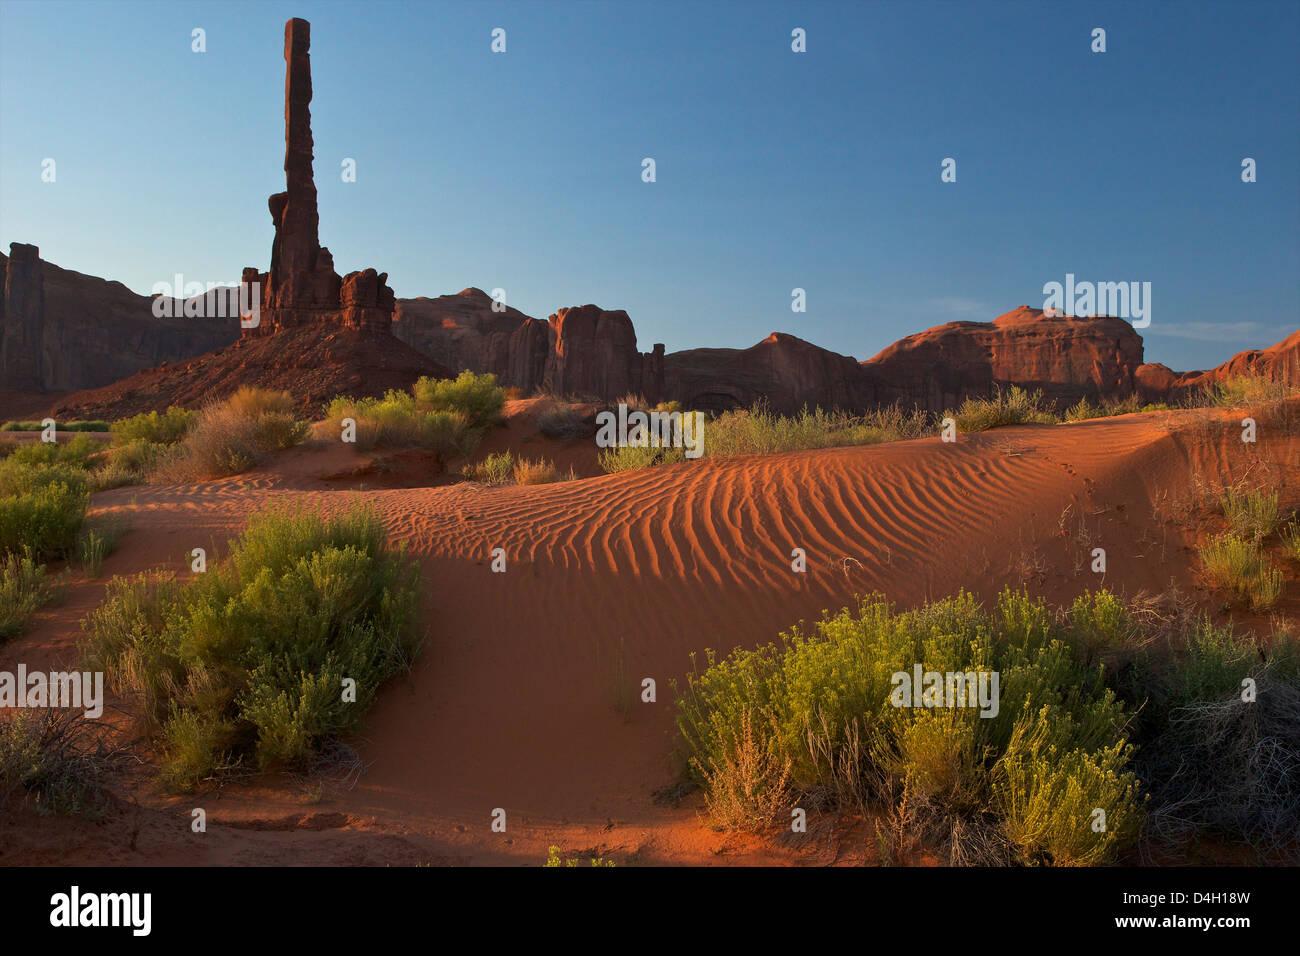 Il Totem Pole all'alba, il parco tribale Navajo Monument Valley, Utah, Stati Uniti d'America Immagini Stock